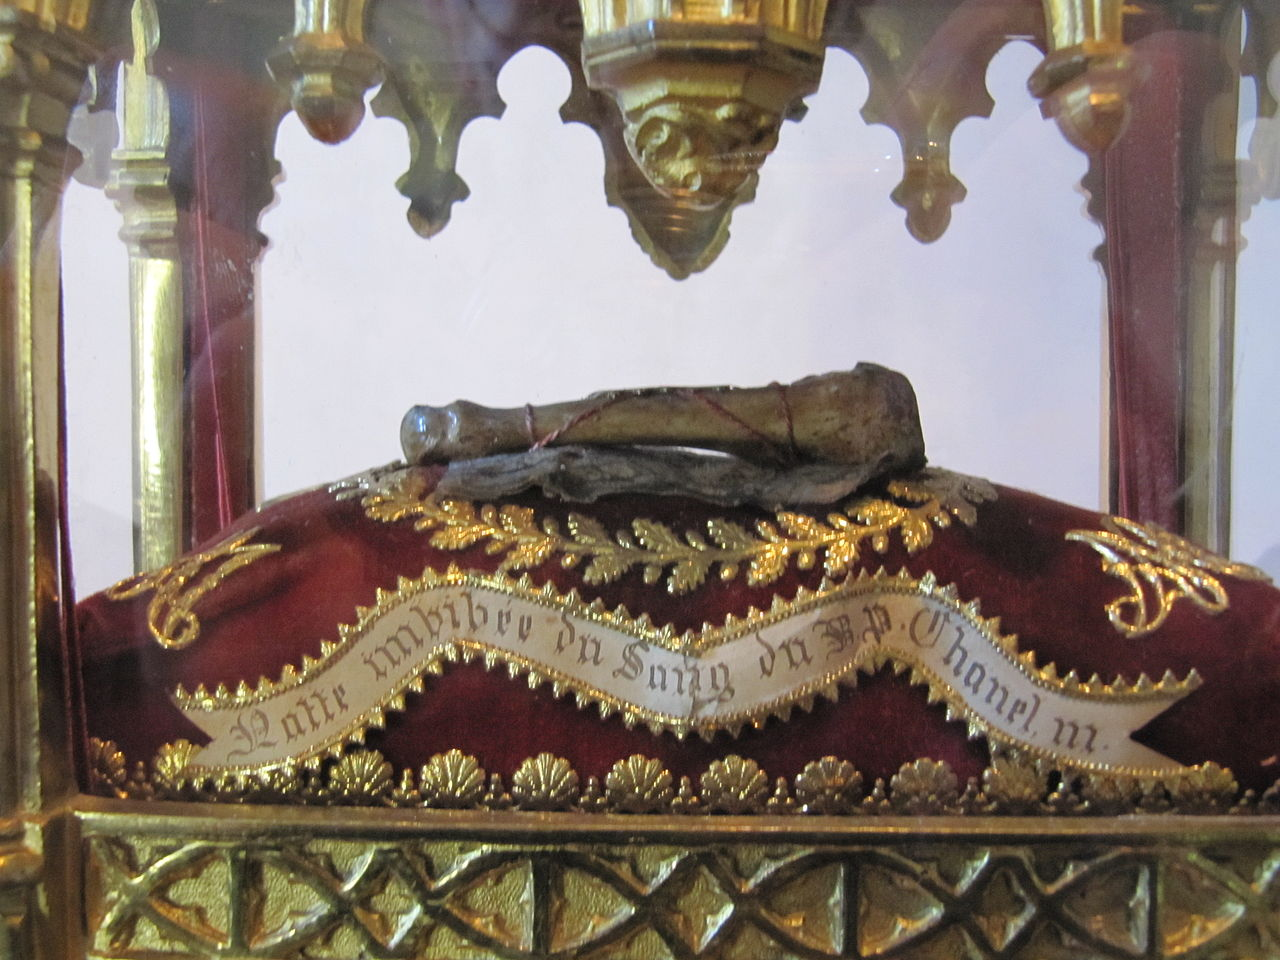 Le culte des reliques était très développé au XIXe siècle et celles de Pierre Chanel sont nombreuses ; voici, exposé à Lyon, une natte tressée imbibée du sang du martyr…